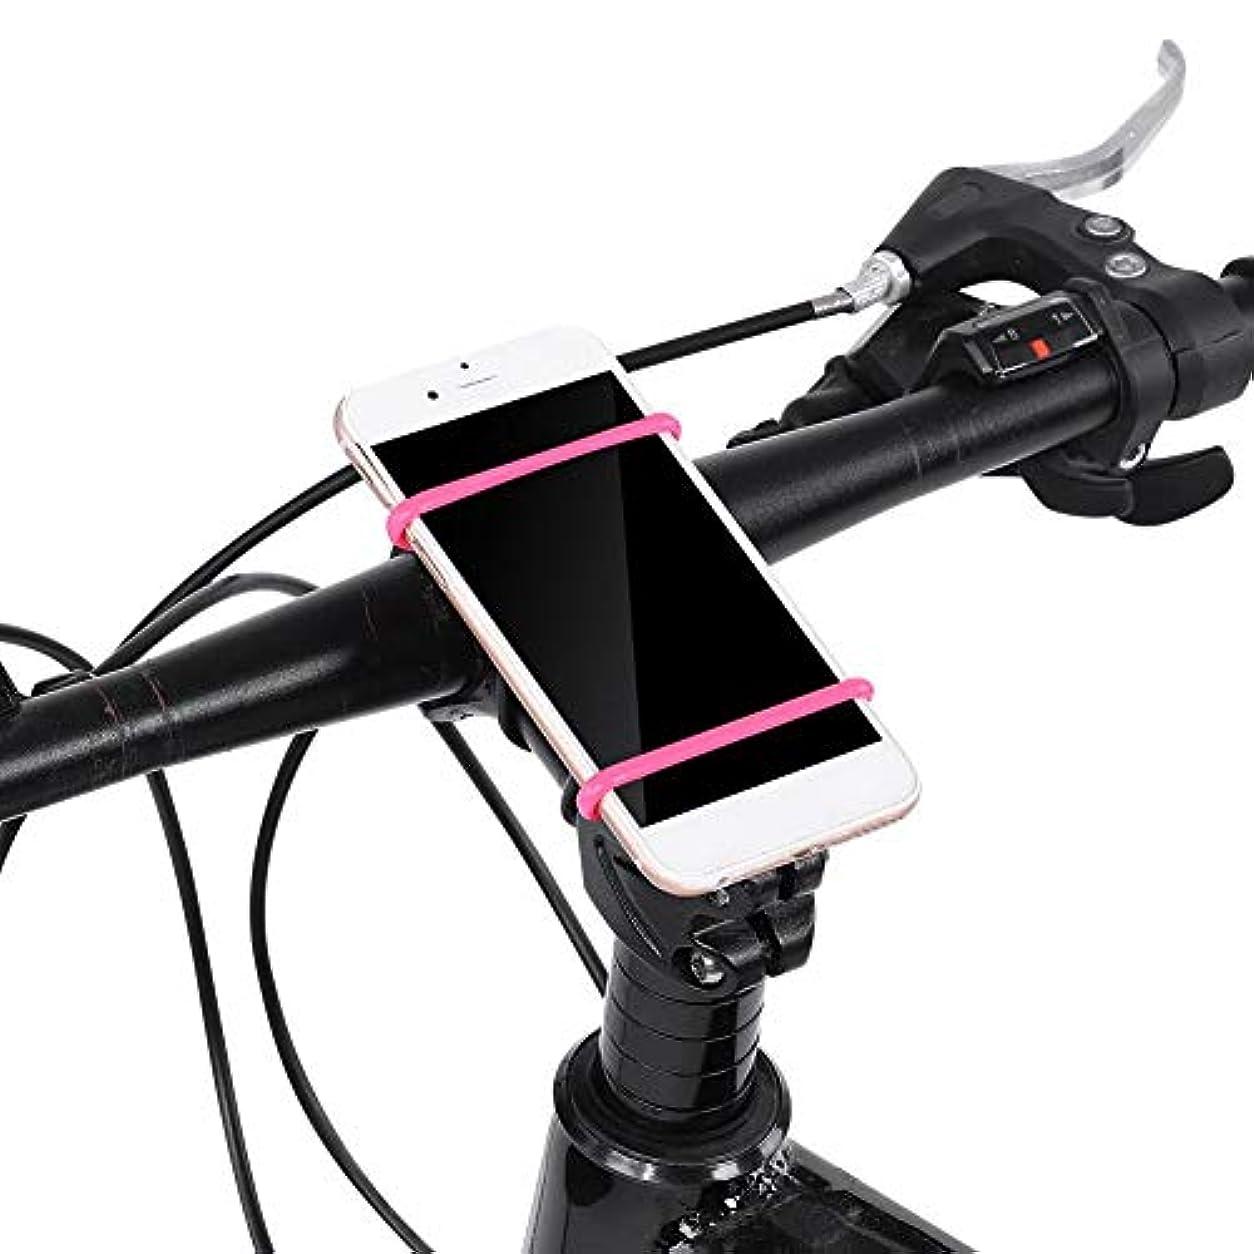 革新コンパスクリーム自転車 電話 マウントホルダー 多機能 ロードバイク サイクリング ハンドルバー 固定ホルダー ハイキング キャンプ バックパック ウォーターボトル ホルダー